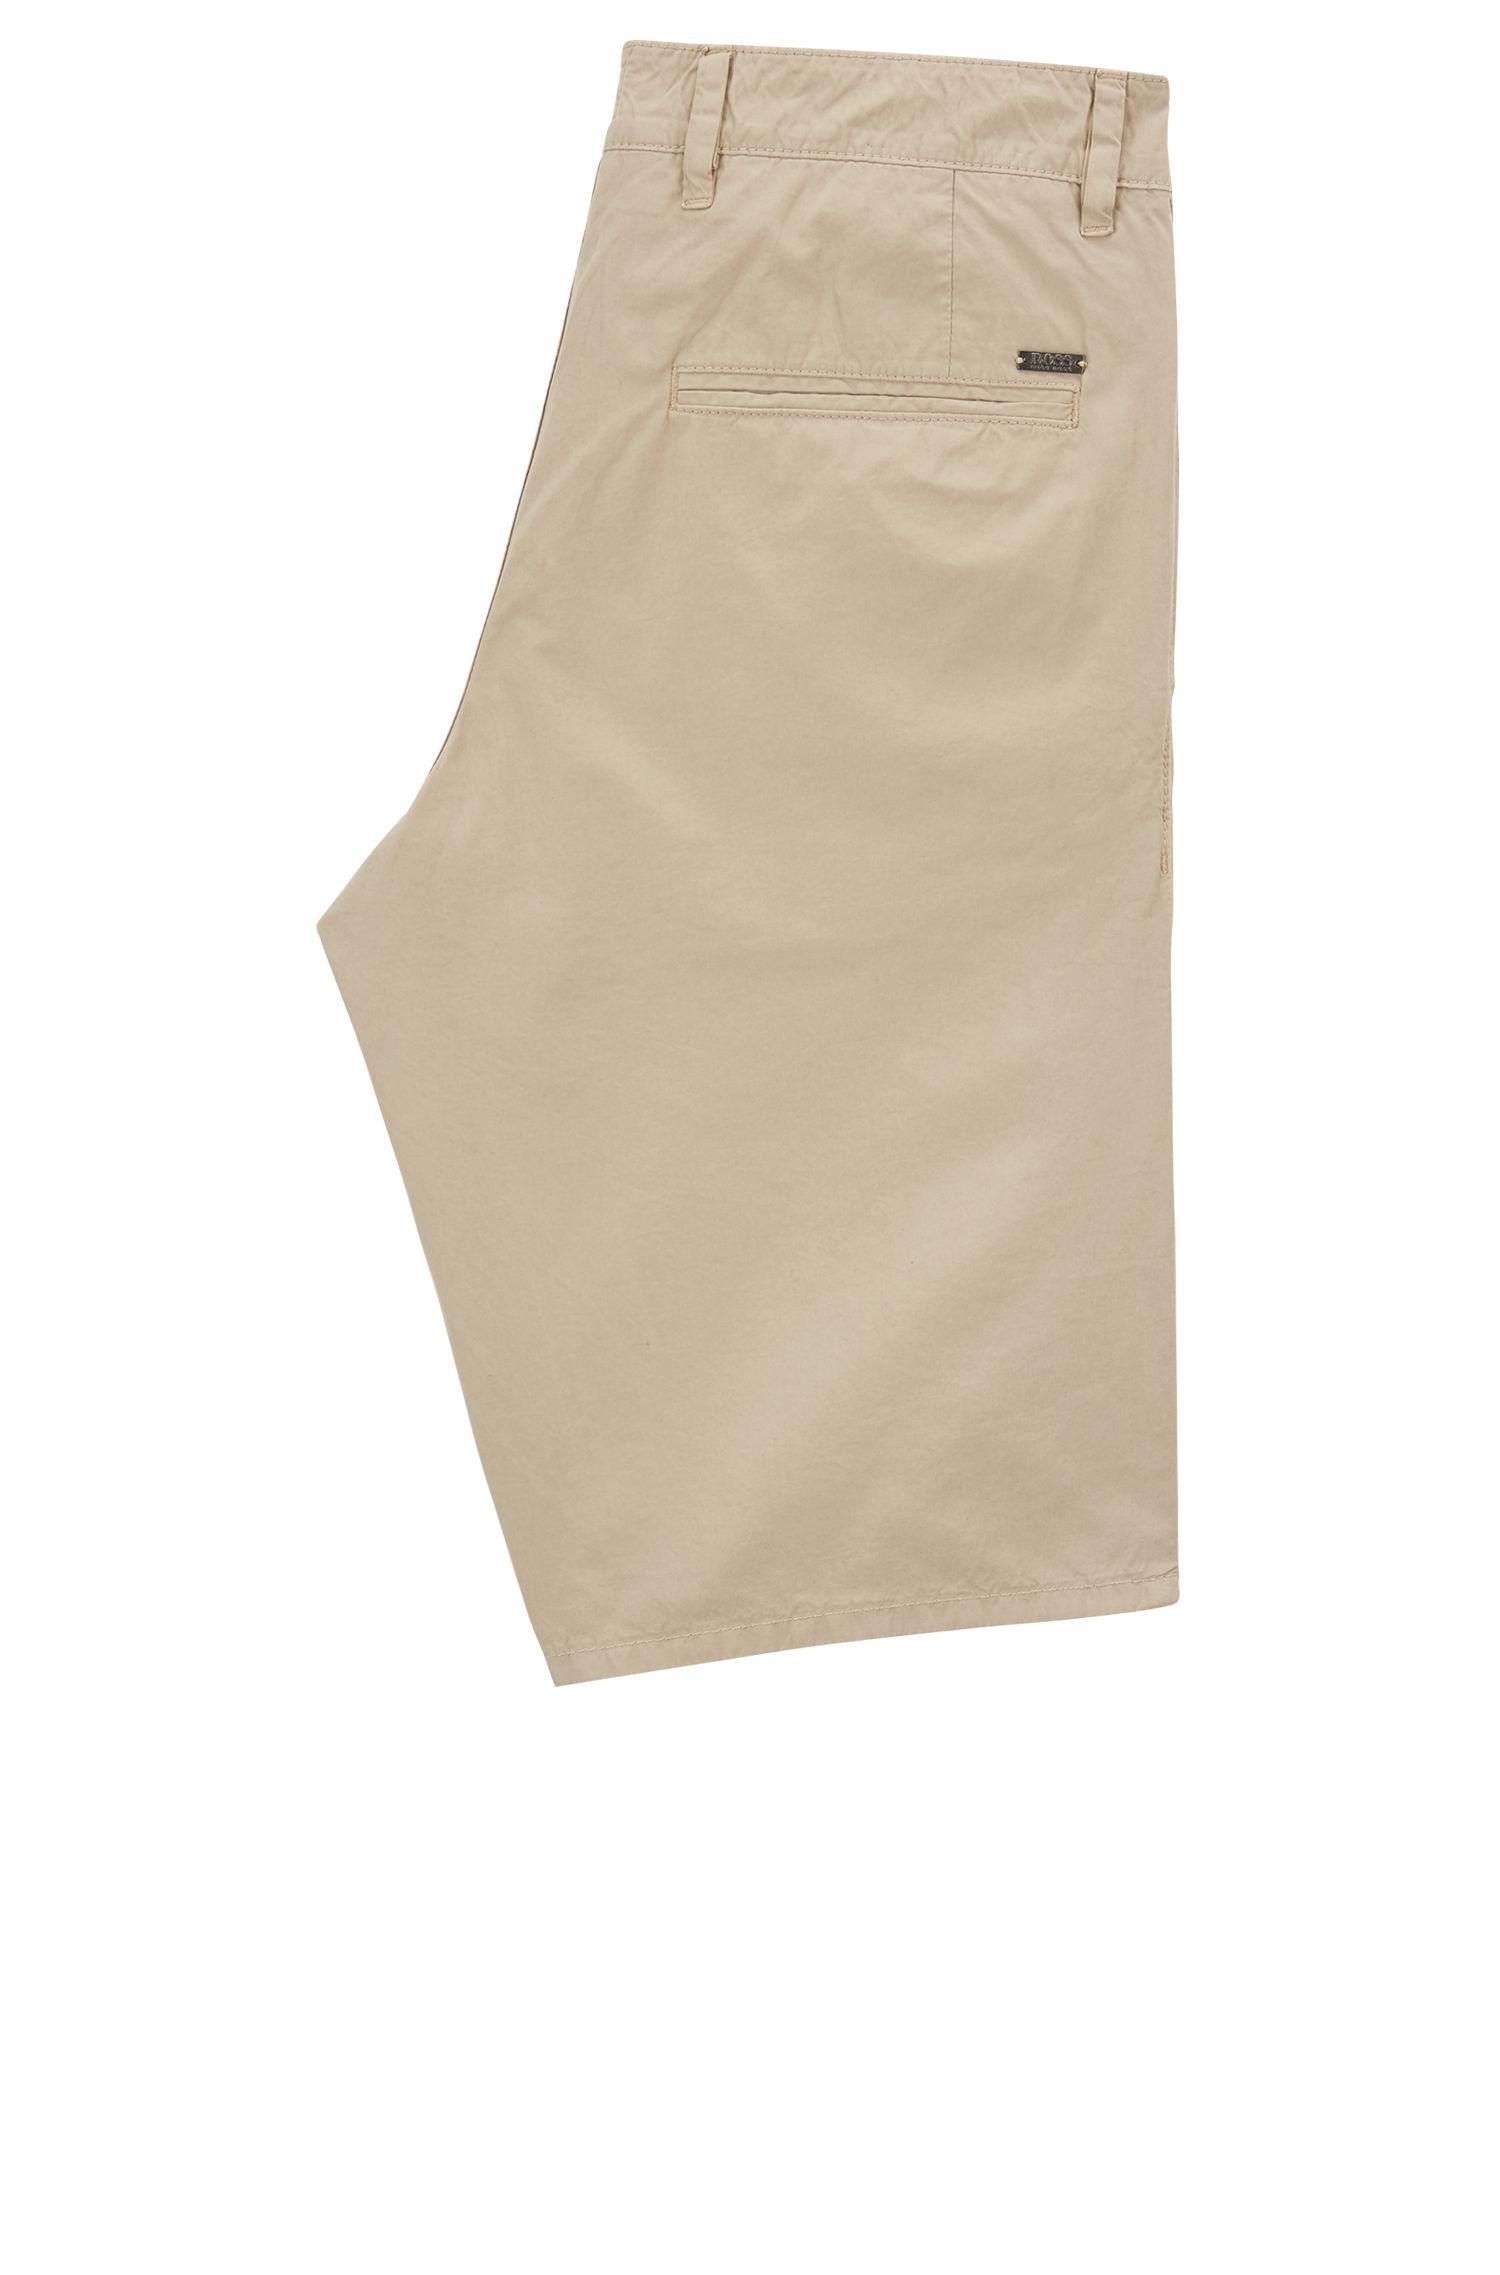 Shorts slim fit en popelín de algodón con teñido especial, Beige